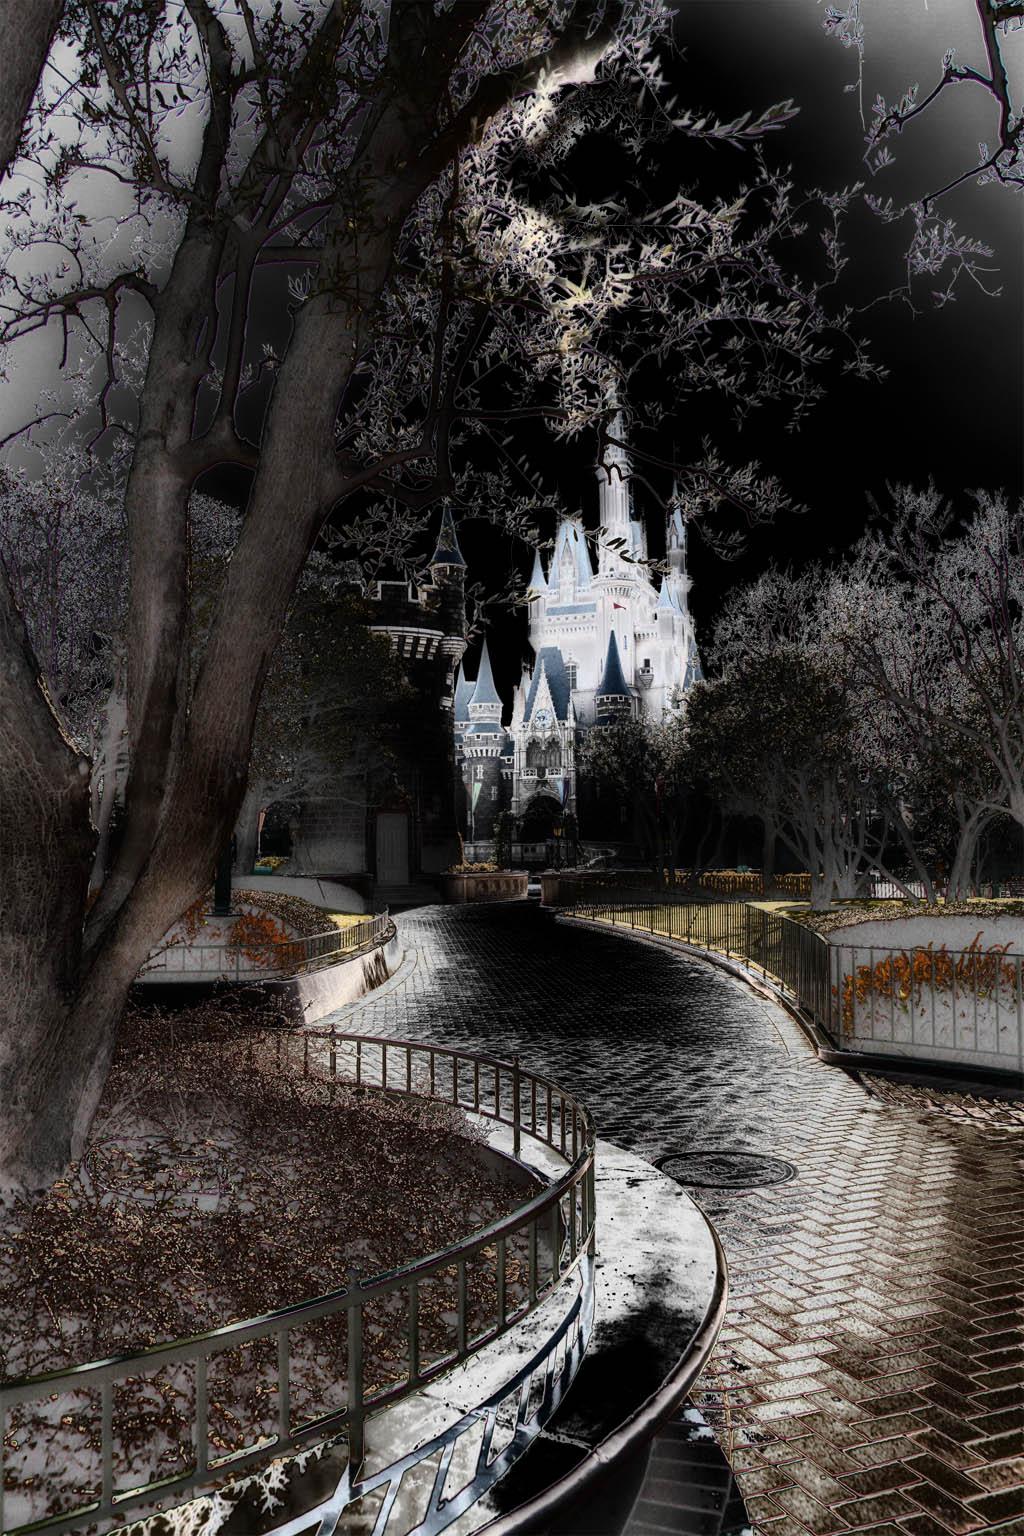 冬の夜の夢の中の森